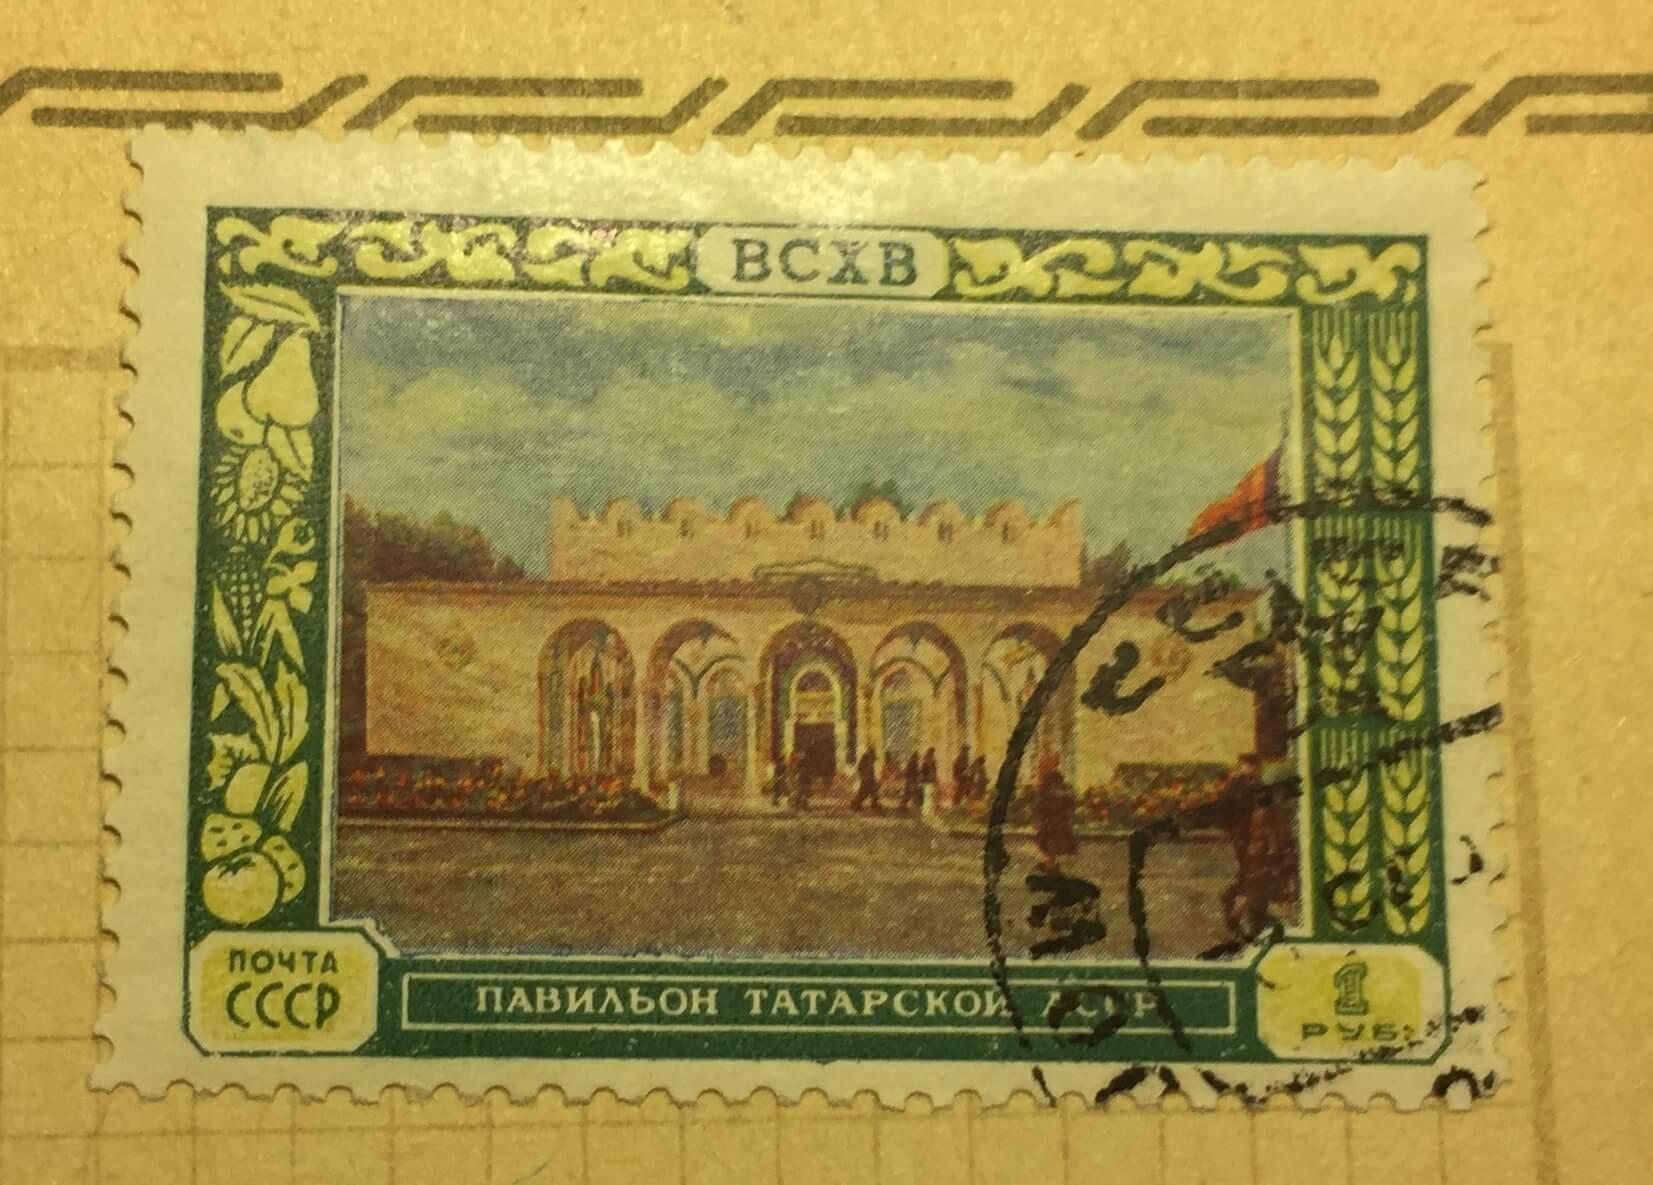 Купить почтовую марку СССР Павильон Татарская АССР b0c68ed186974